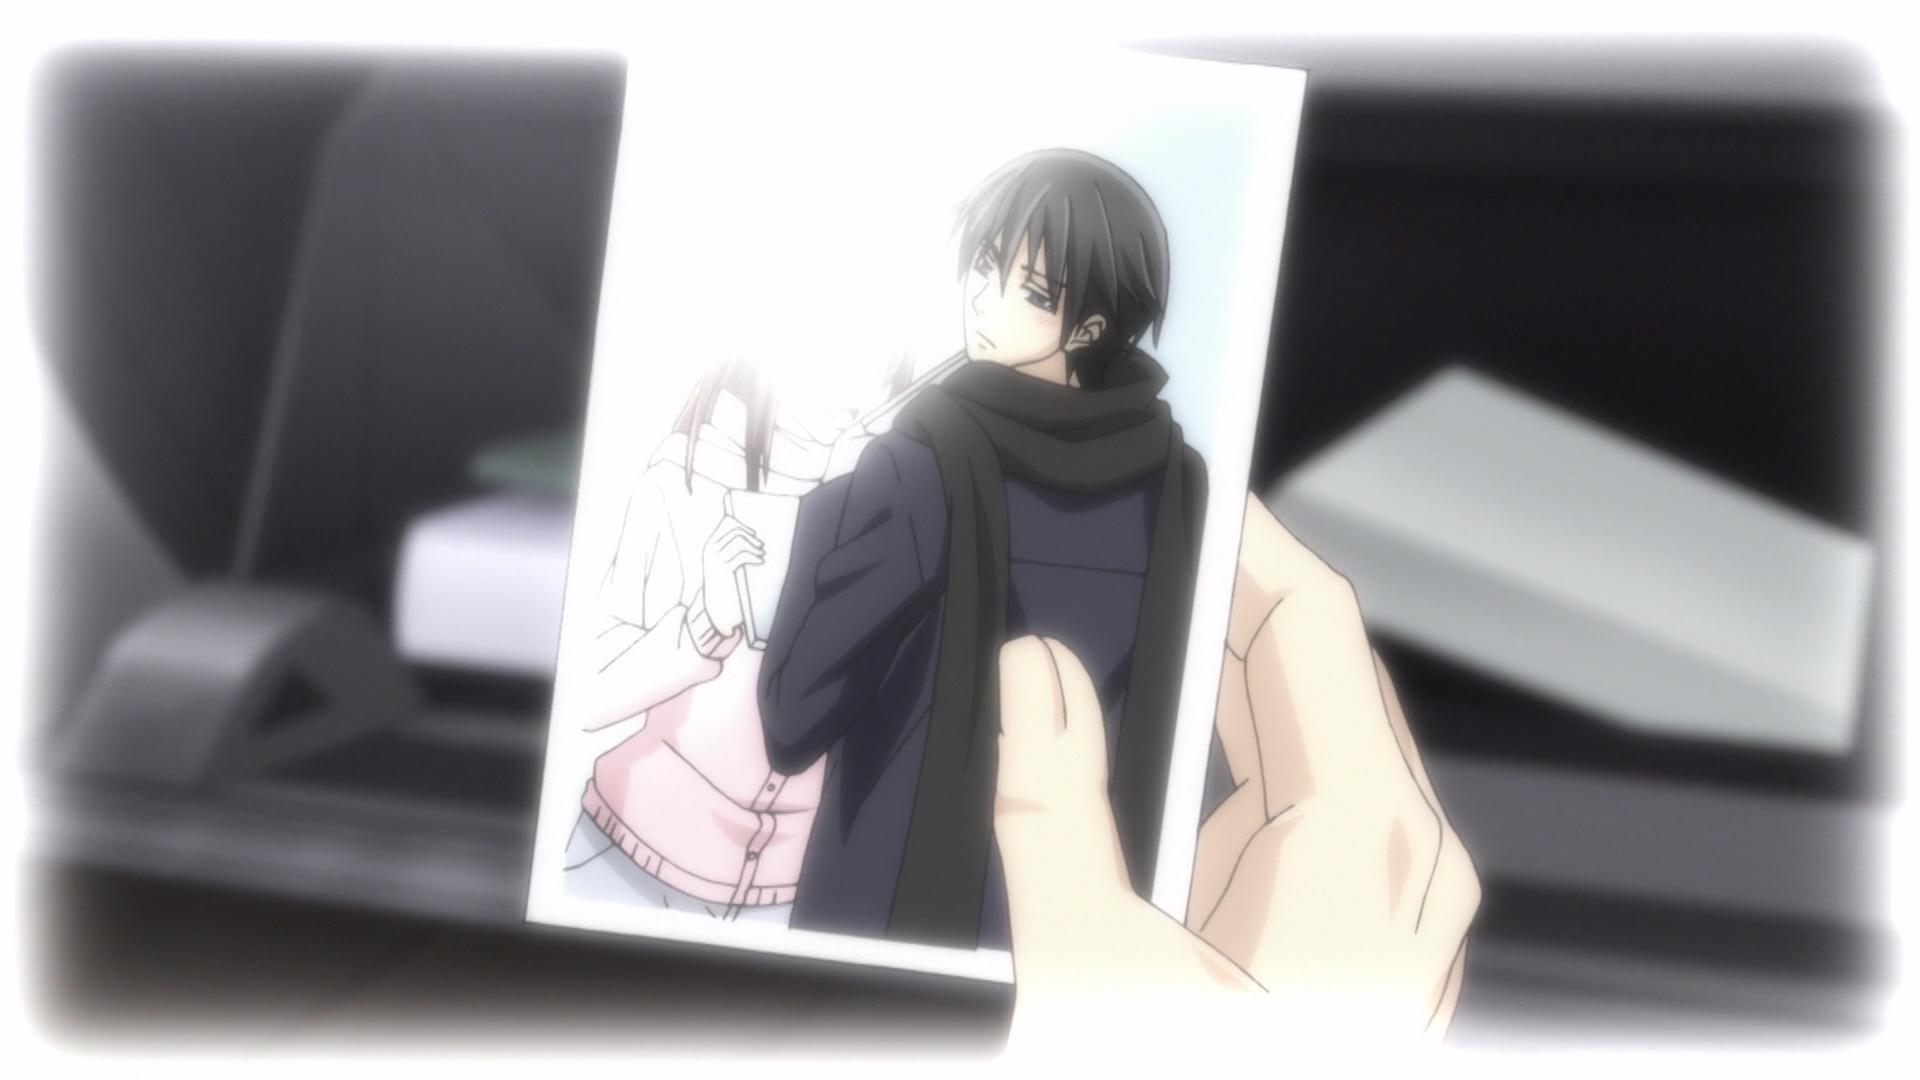 Junjou Romantica 3 E04 (3)